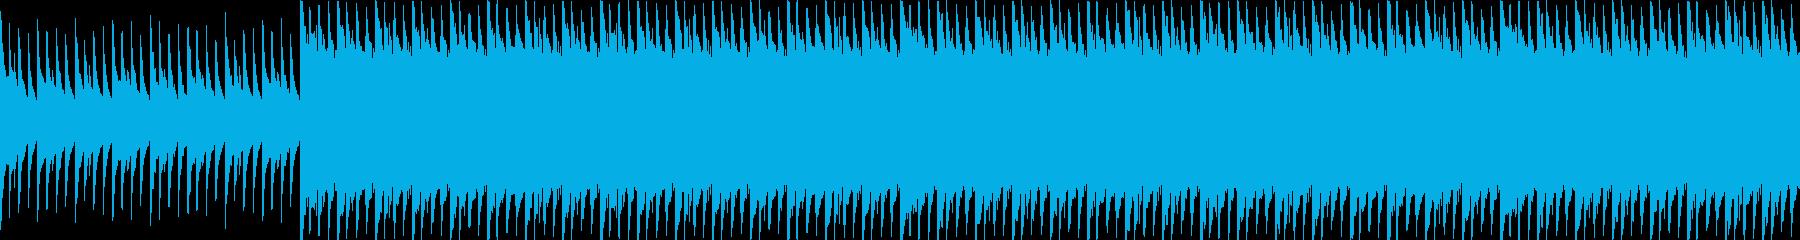 マリンバ/ピアノ/ループ/動画BGM用3の再生済みの波形